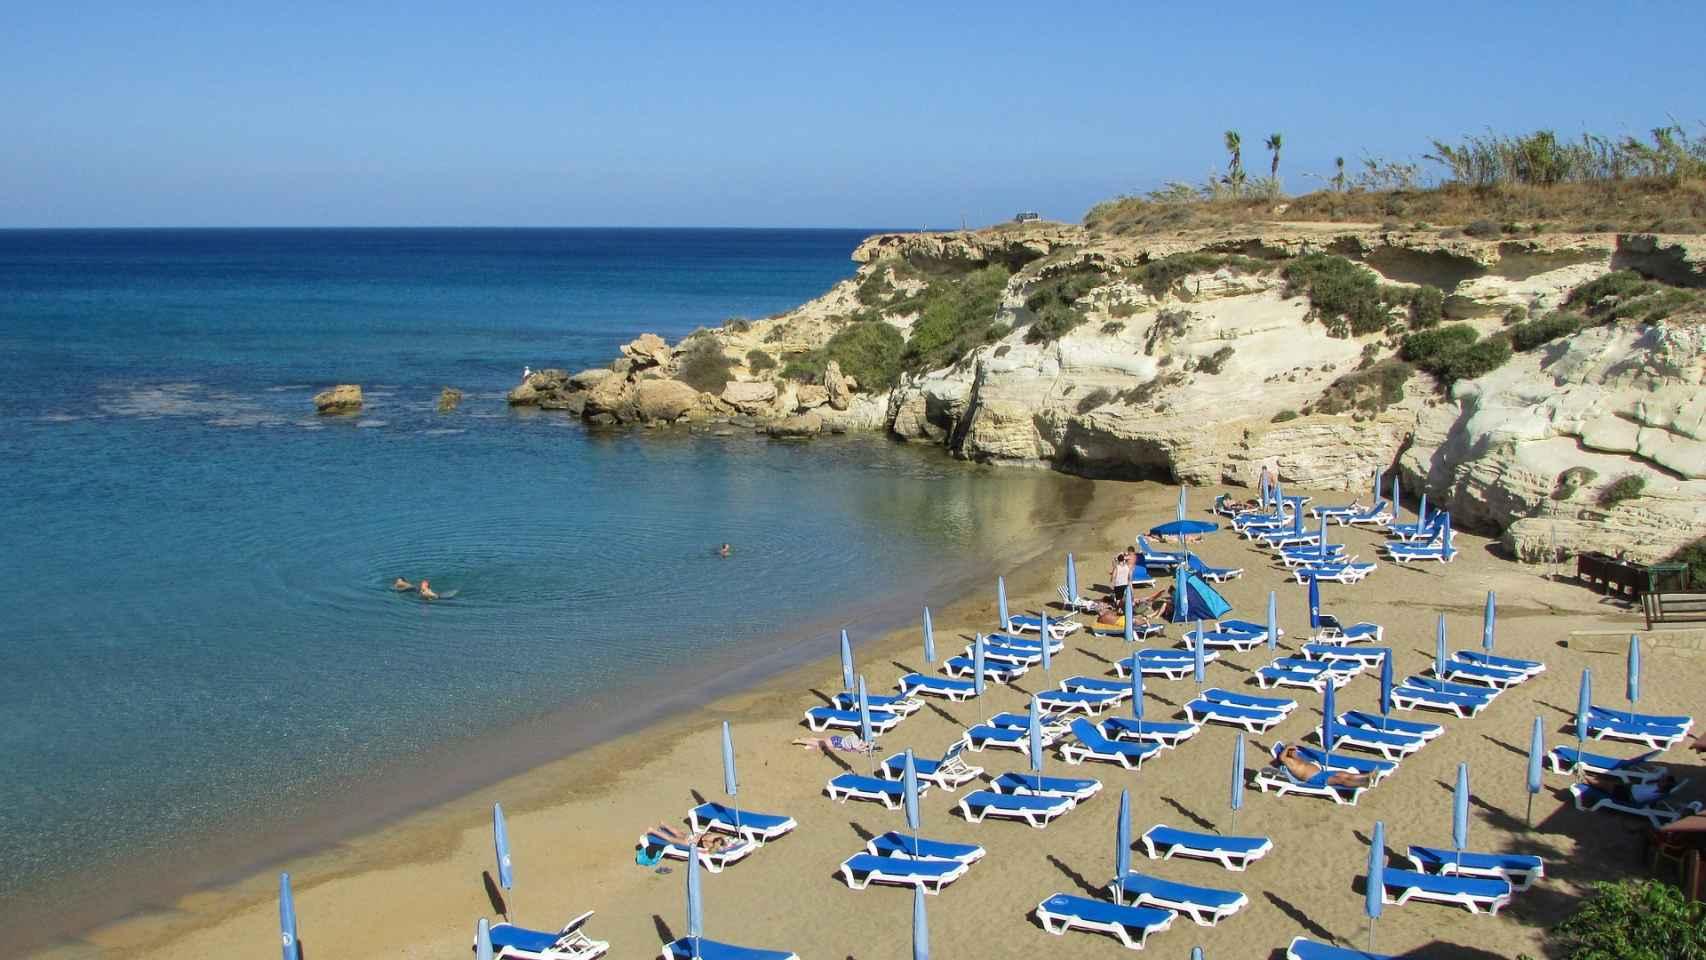 La finalidad de estas ayudas es subvencionar la contratación de jóvenes desempleados que garanticen la seguridad en las playas valencianas.